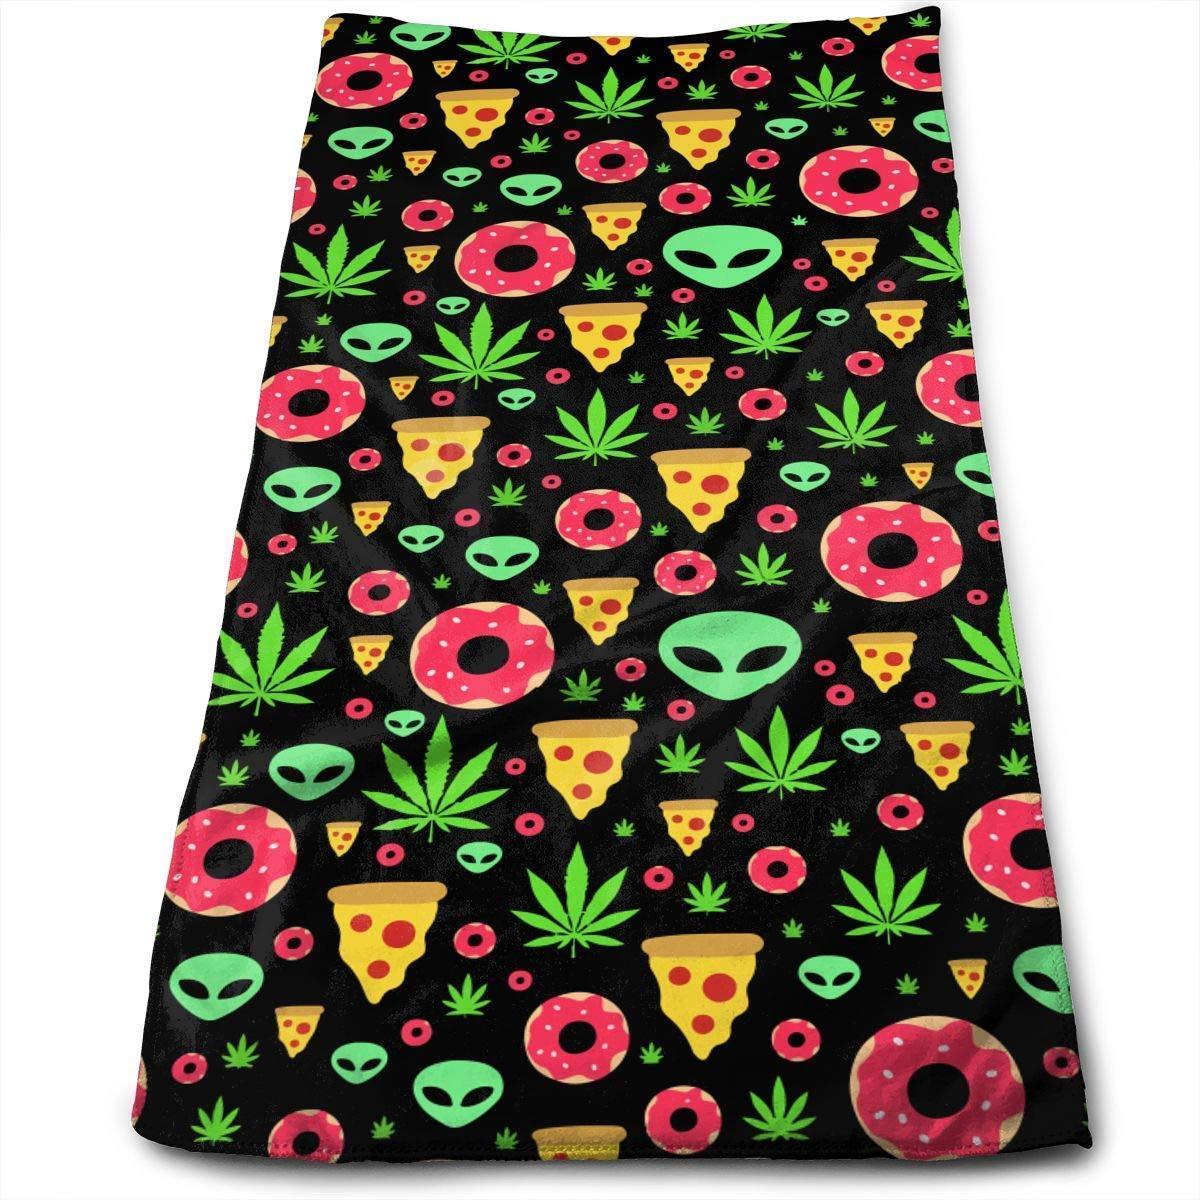 gimnasio 30x70 cm Entrenamiento deportivo Toallas para autos Marijuana Leafs Donuts Pizza Rebanadas Aliens Microfibra Toallas limpias Toallas faciales Secado r/ápido Toallas de mano para el ba/ño Spa